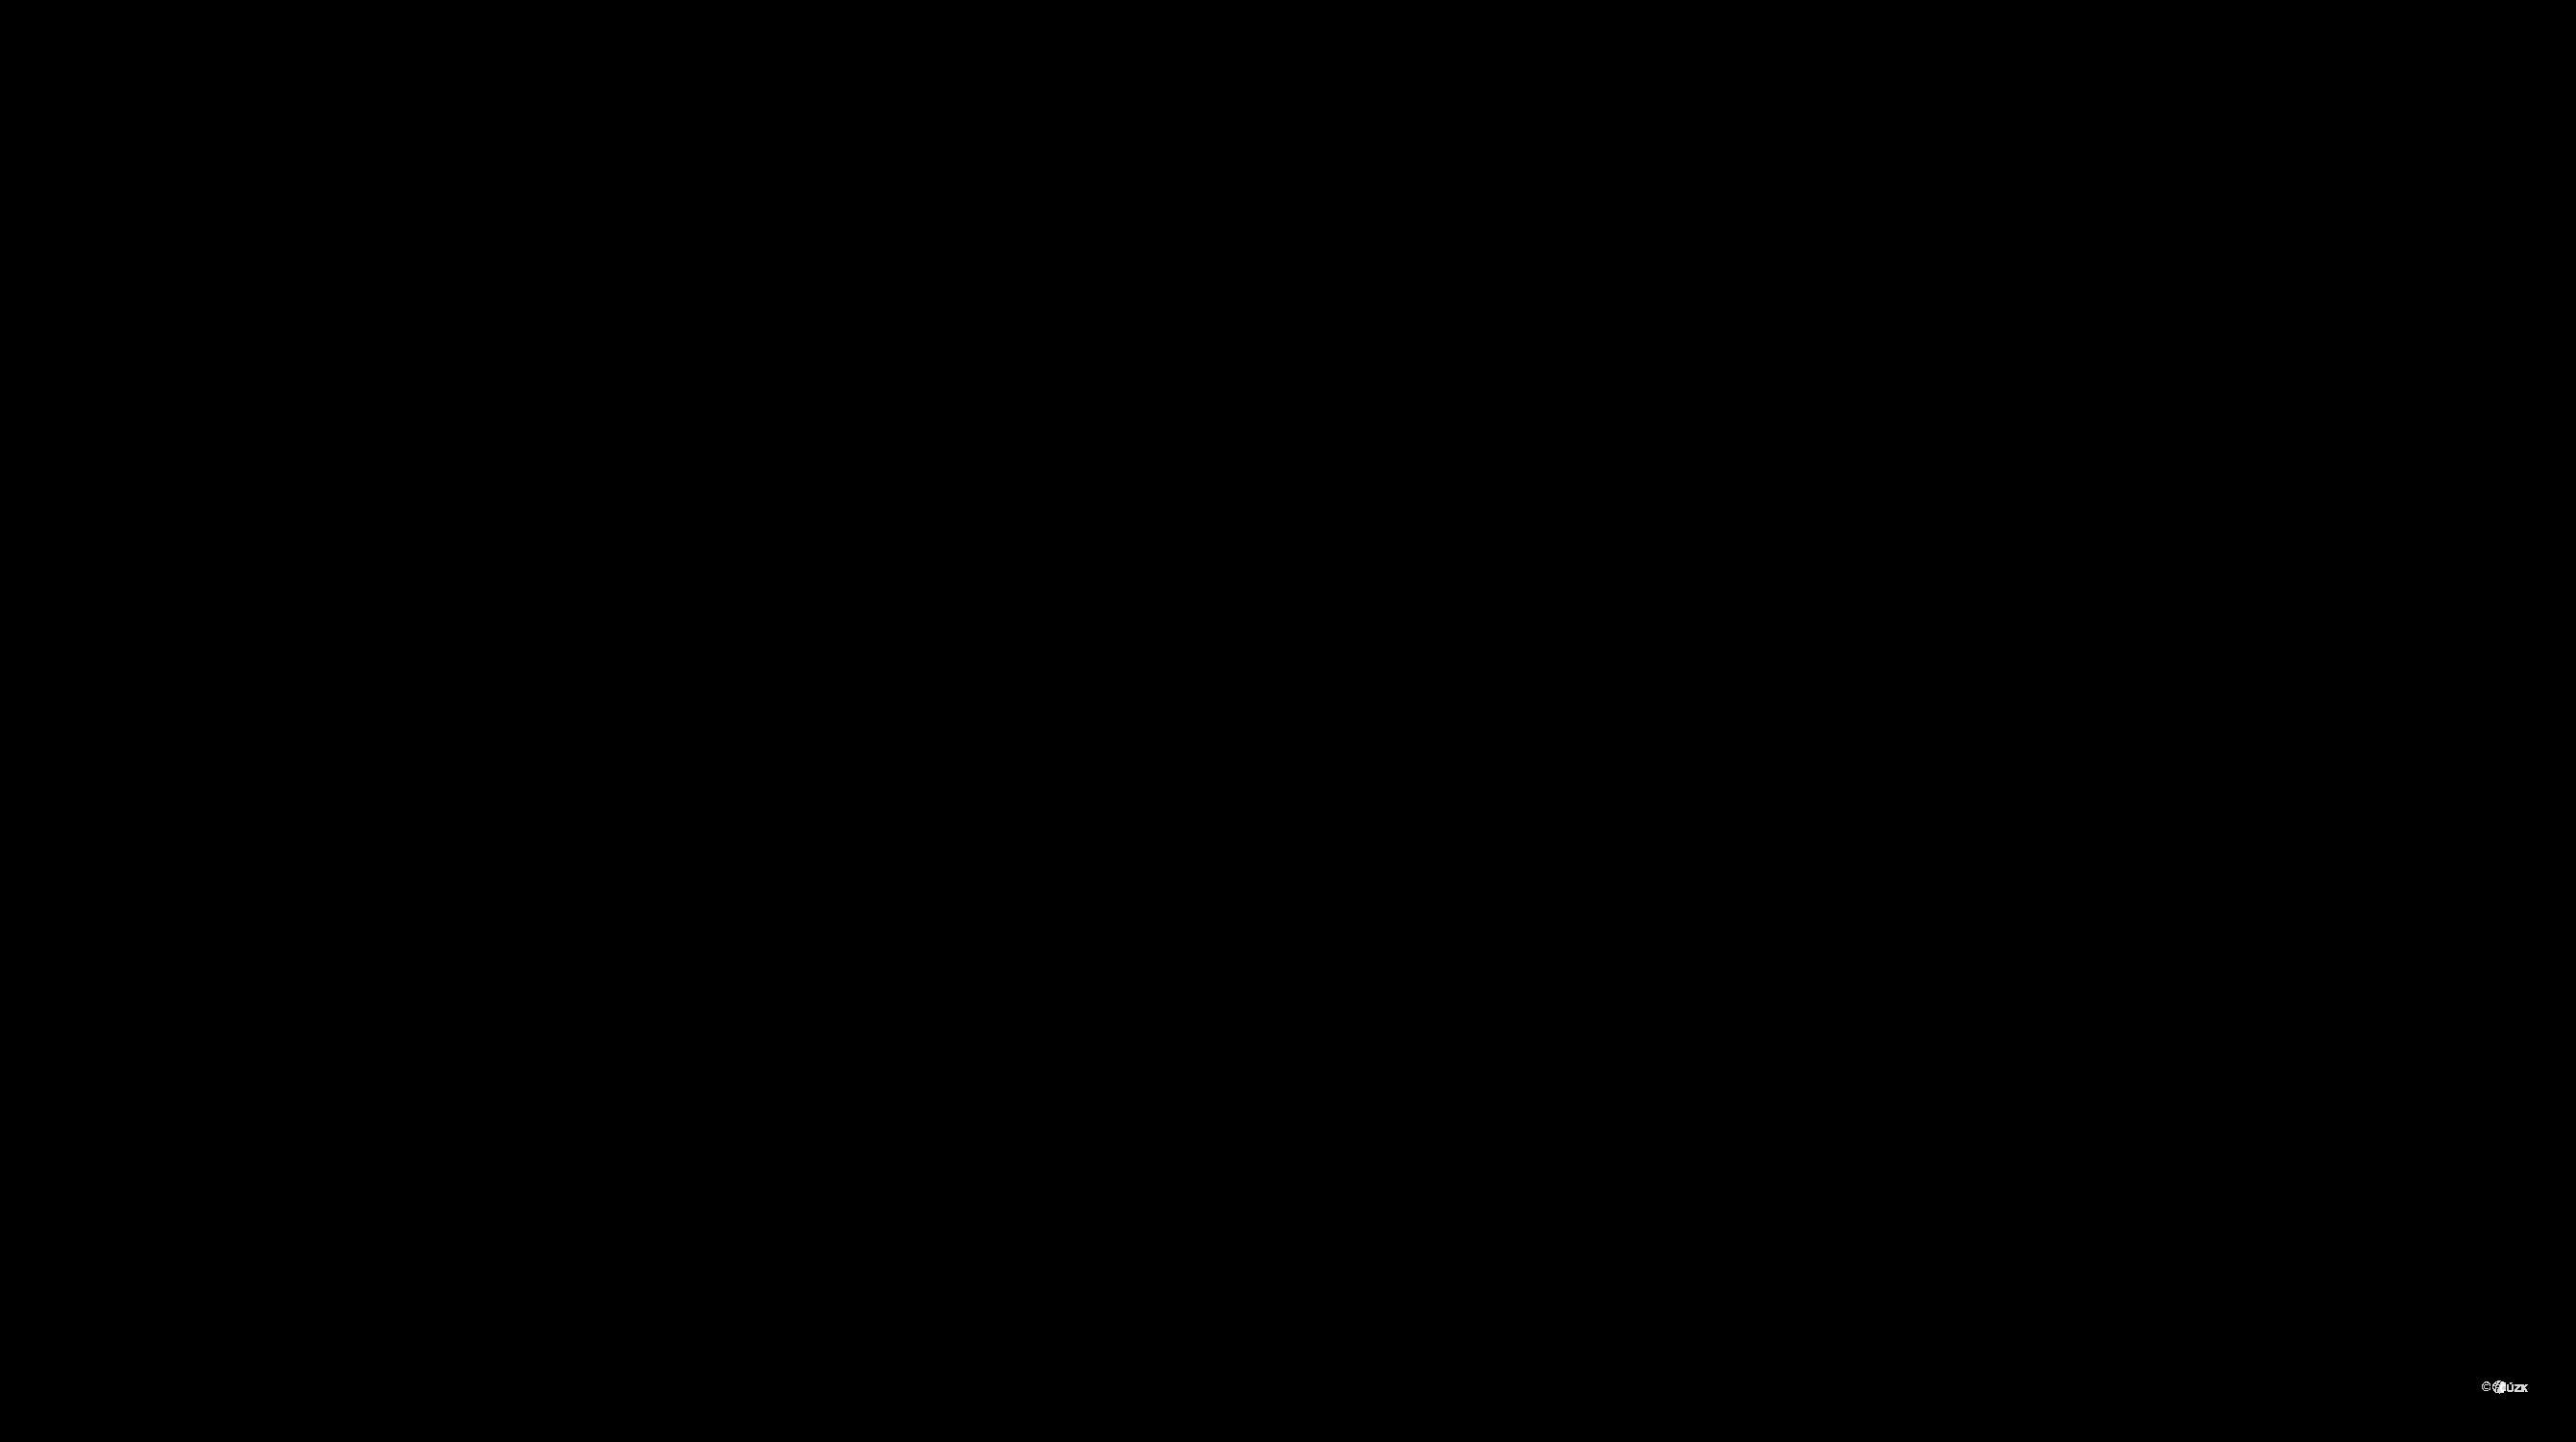 Katastrální mapa pozemků a čísla parcel Kročehlavy